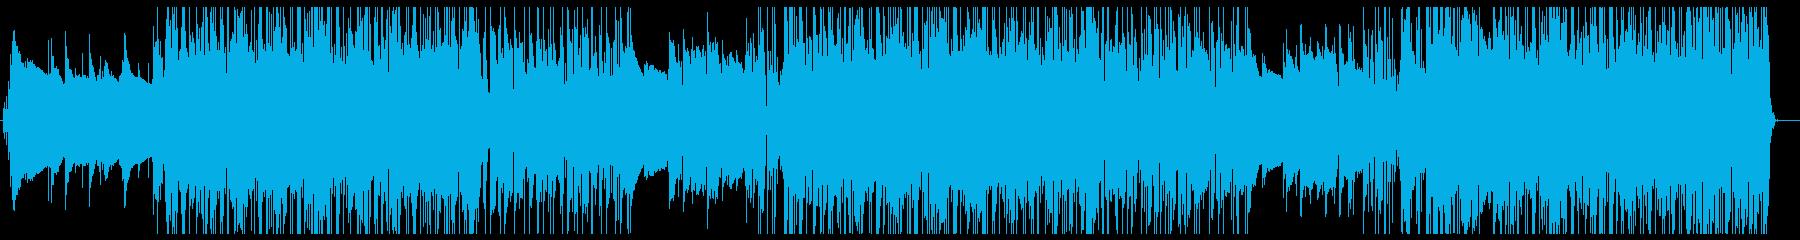 爽やかなゆったりとしたR&B風バラードの再生済みの波形